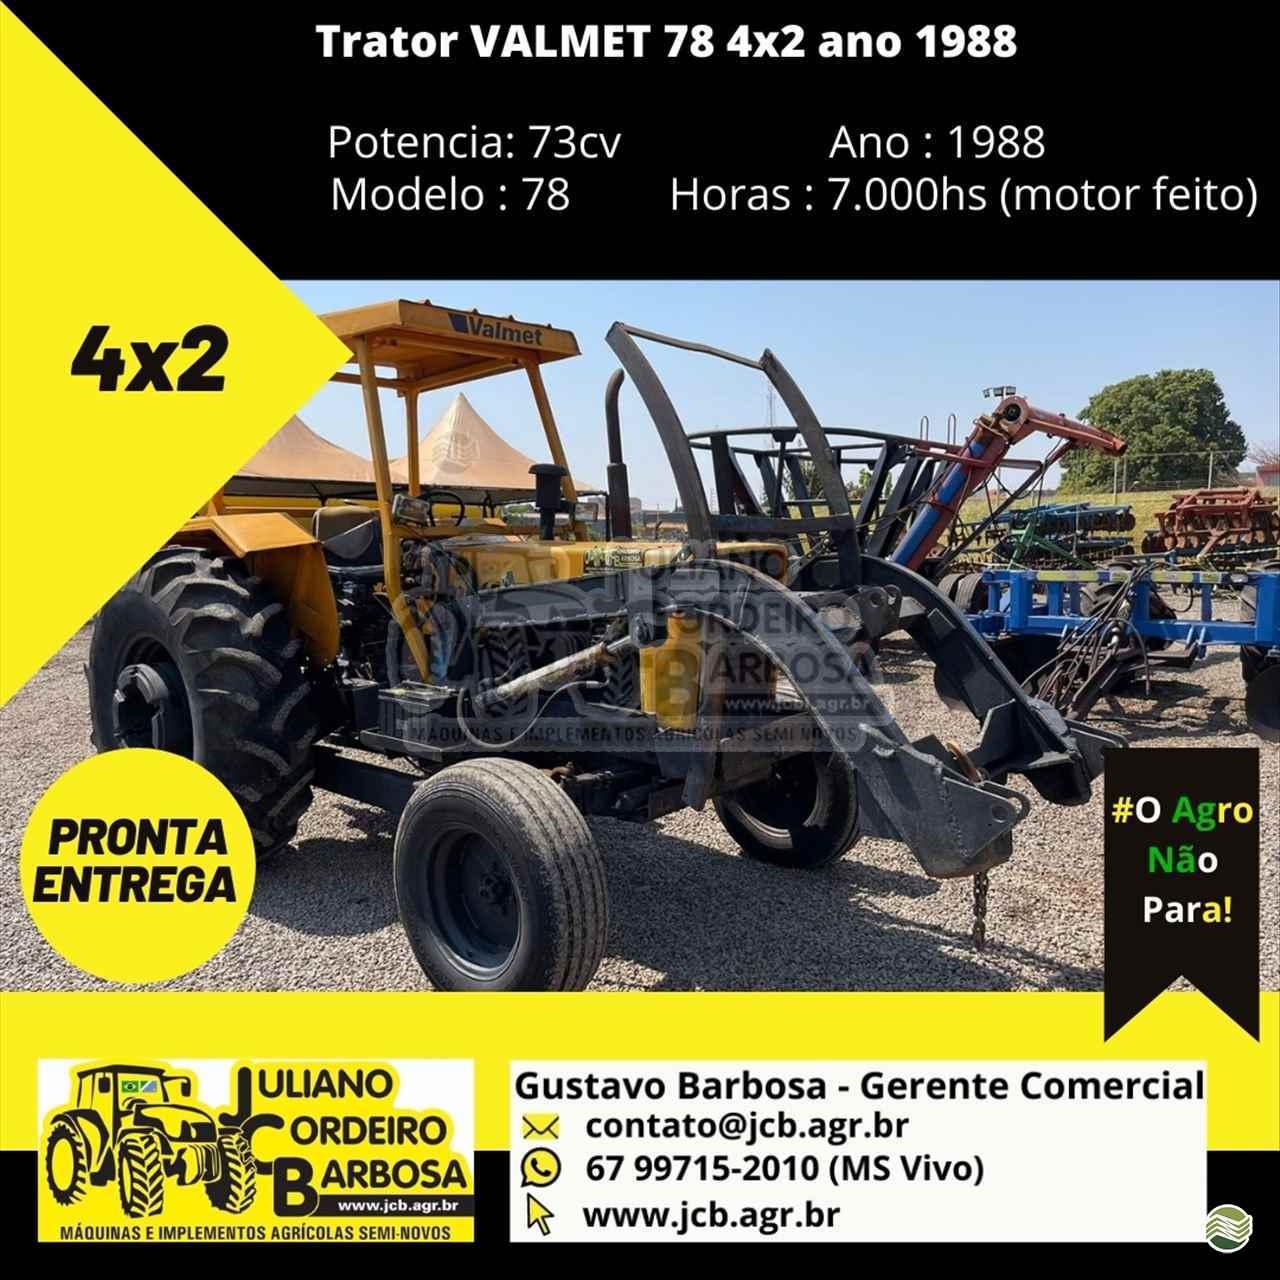 TRATOR VALMET VALMET 78 Tração 4x2 JCB Máquinas e Implementos Agrícolas MARACAJU MATO GROSSO DO SUL MS